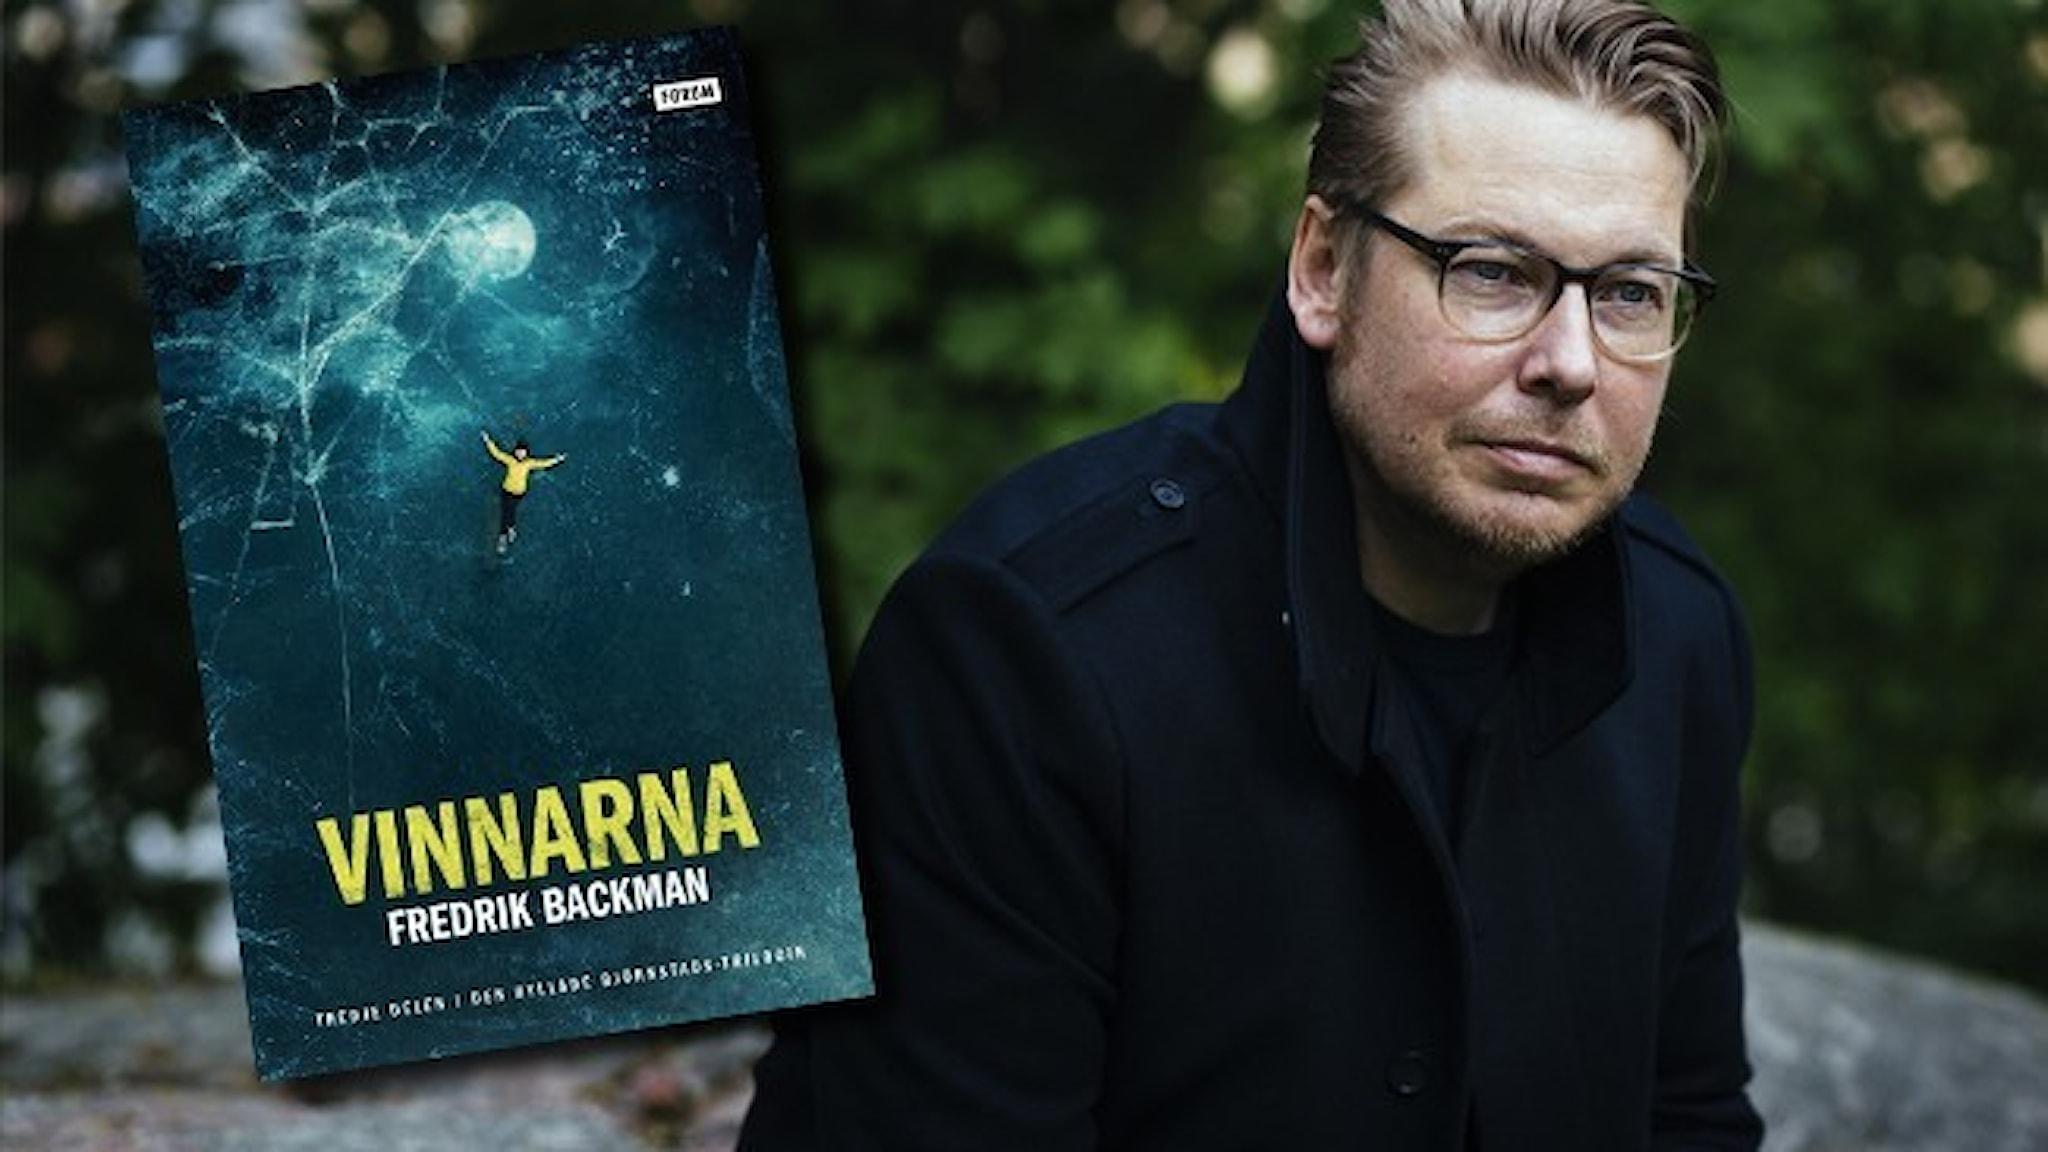 """Fredrik Backman och omslaget till hans bok """"Vinnarna""""."""